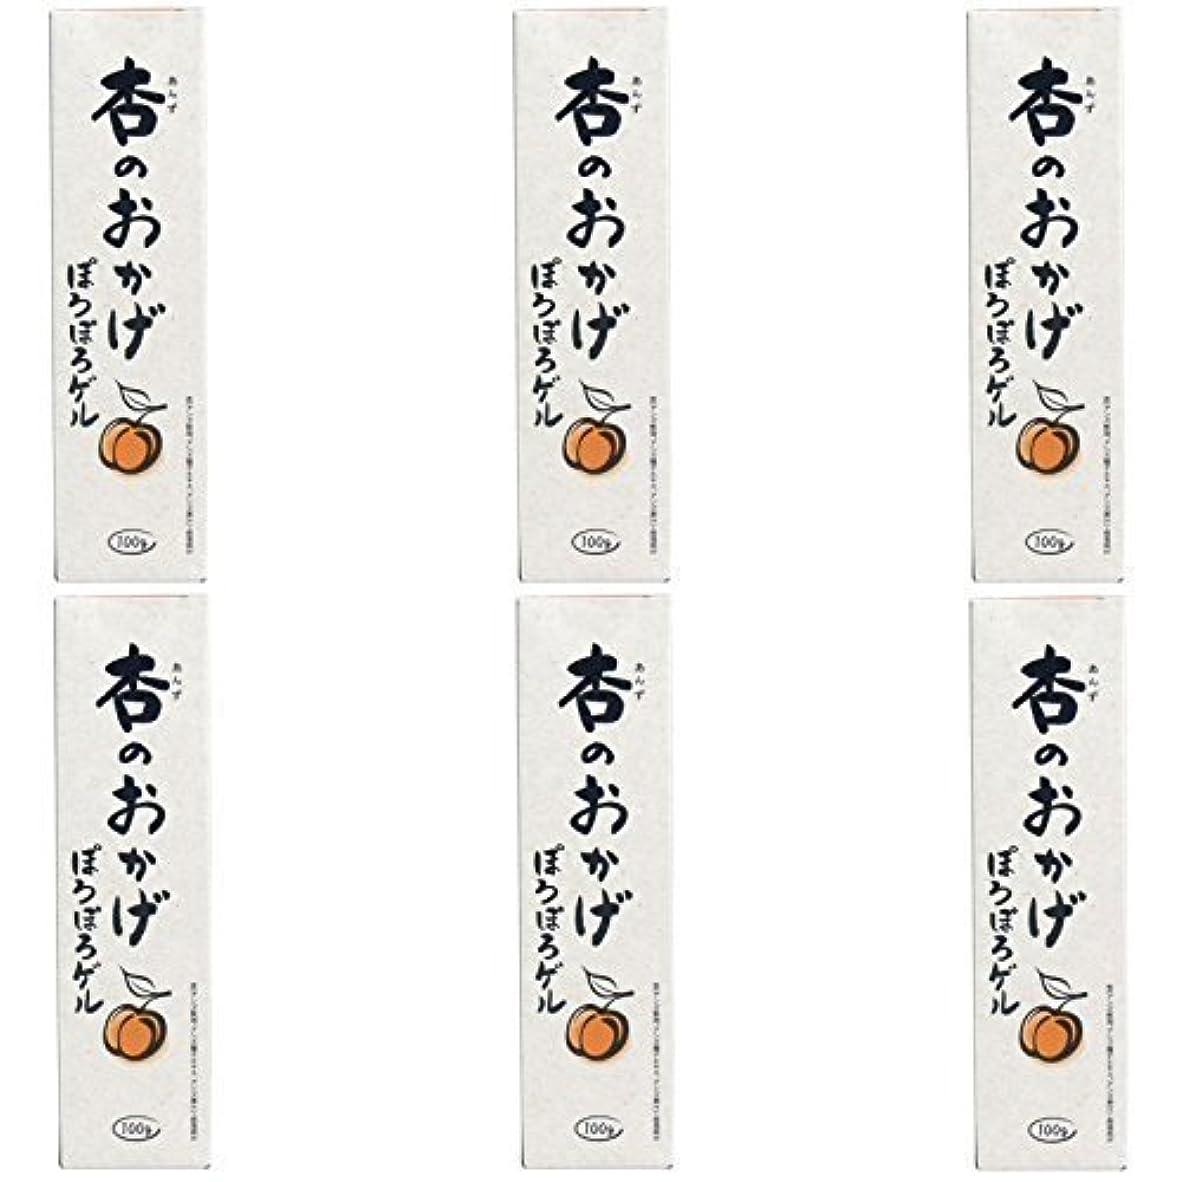 怠な愚かな不快【まとめ買い】杏のおかげ ぽろぽろゲル 100g【×6個】